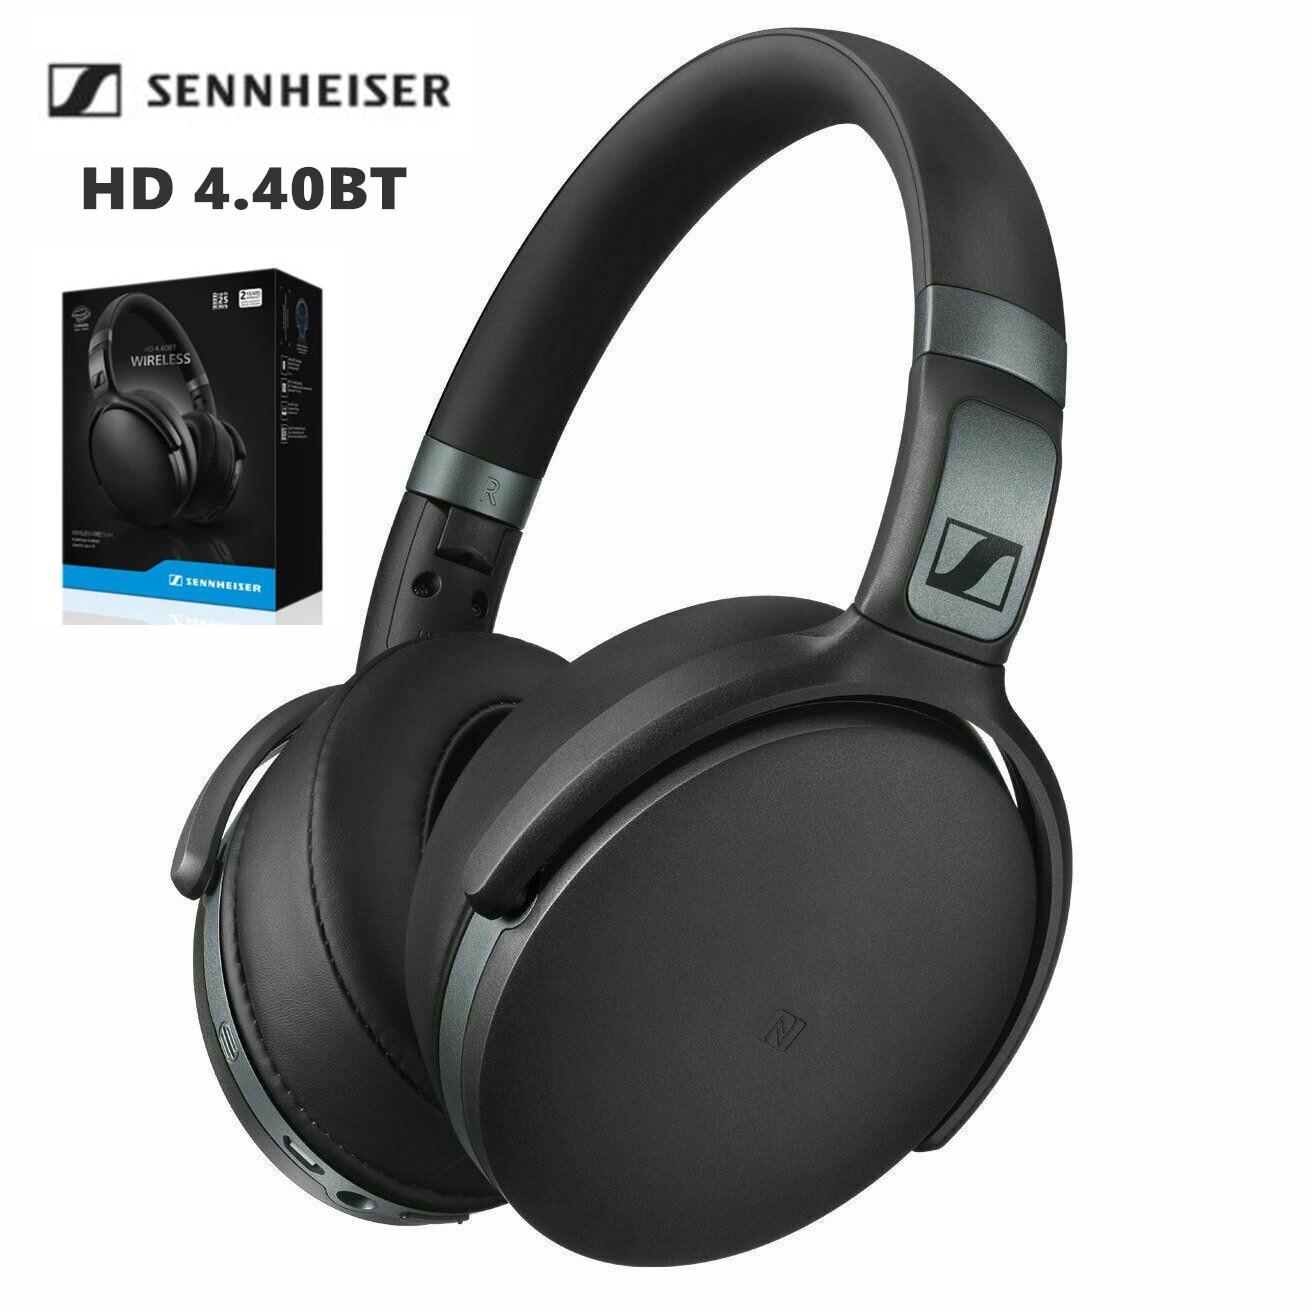 العلامة التجارية الجديدة الأصلي Sennheiser HD 4.40BT سماعة لاسلكية تعمل بالبلوتوث سماعات عميق باس ستيريو سماعة سماعة الألعاب أسود